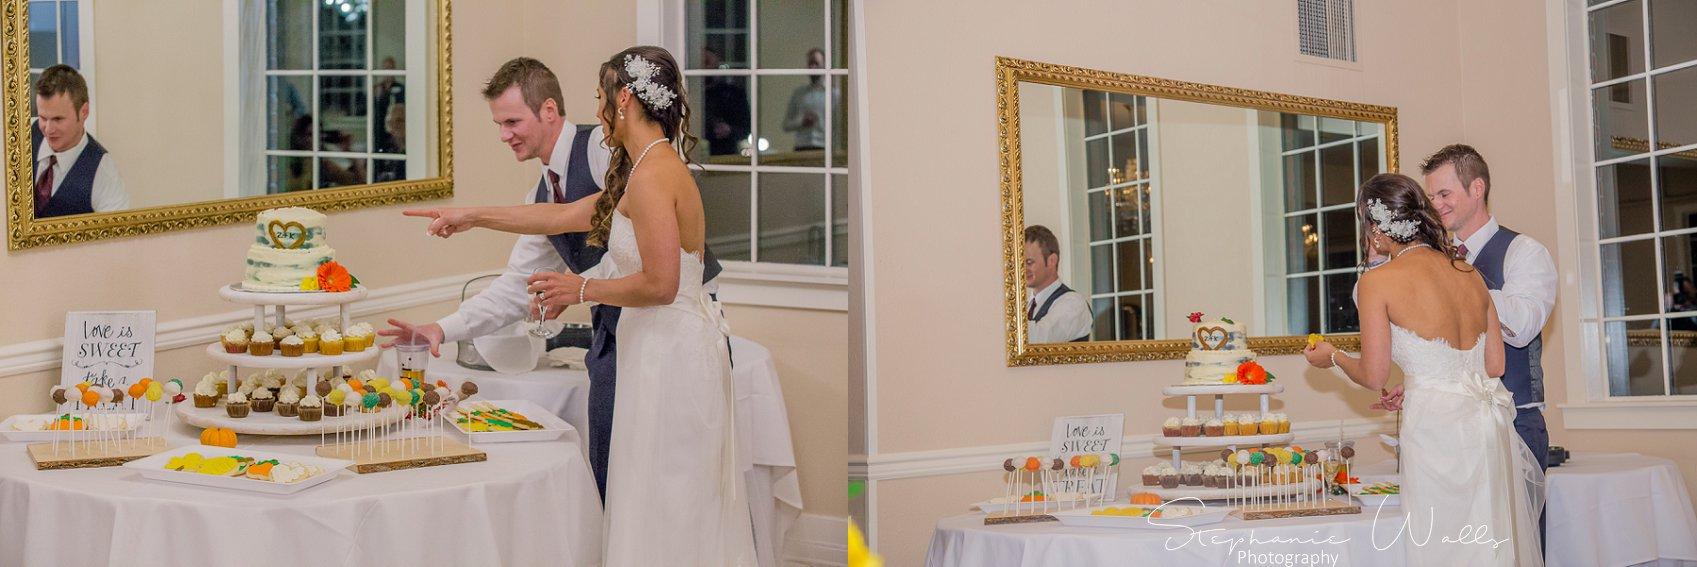 Reception 105 KK & Zack   Hollywood Schoolhouse Wedding   Woodinville, Wa Wedding Photographer